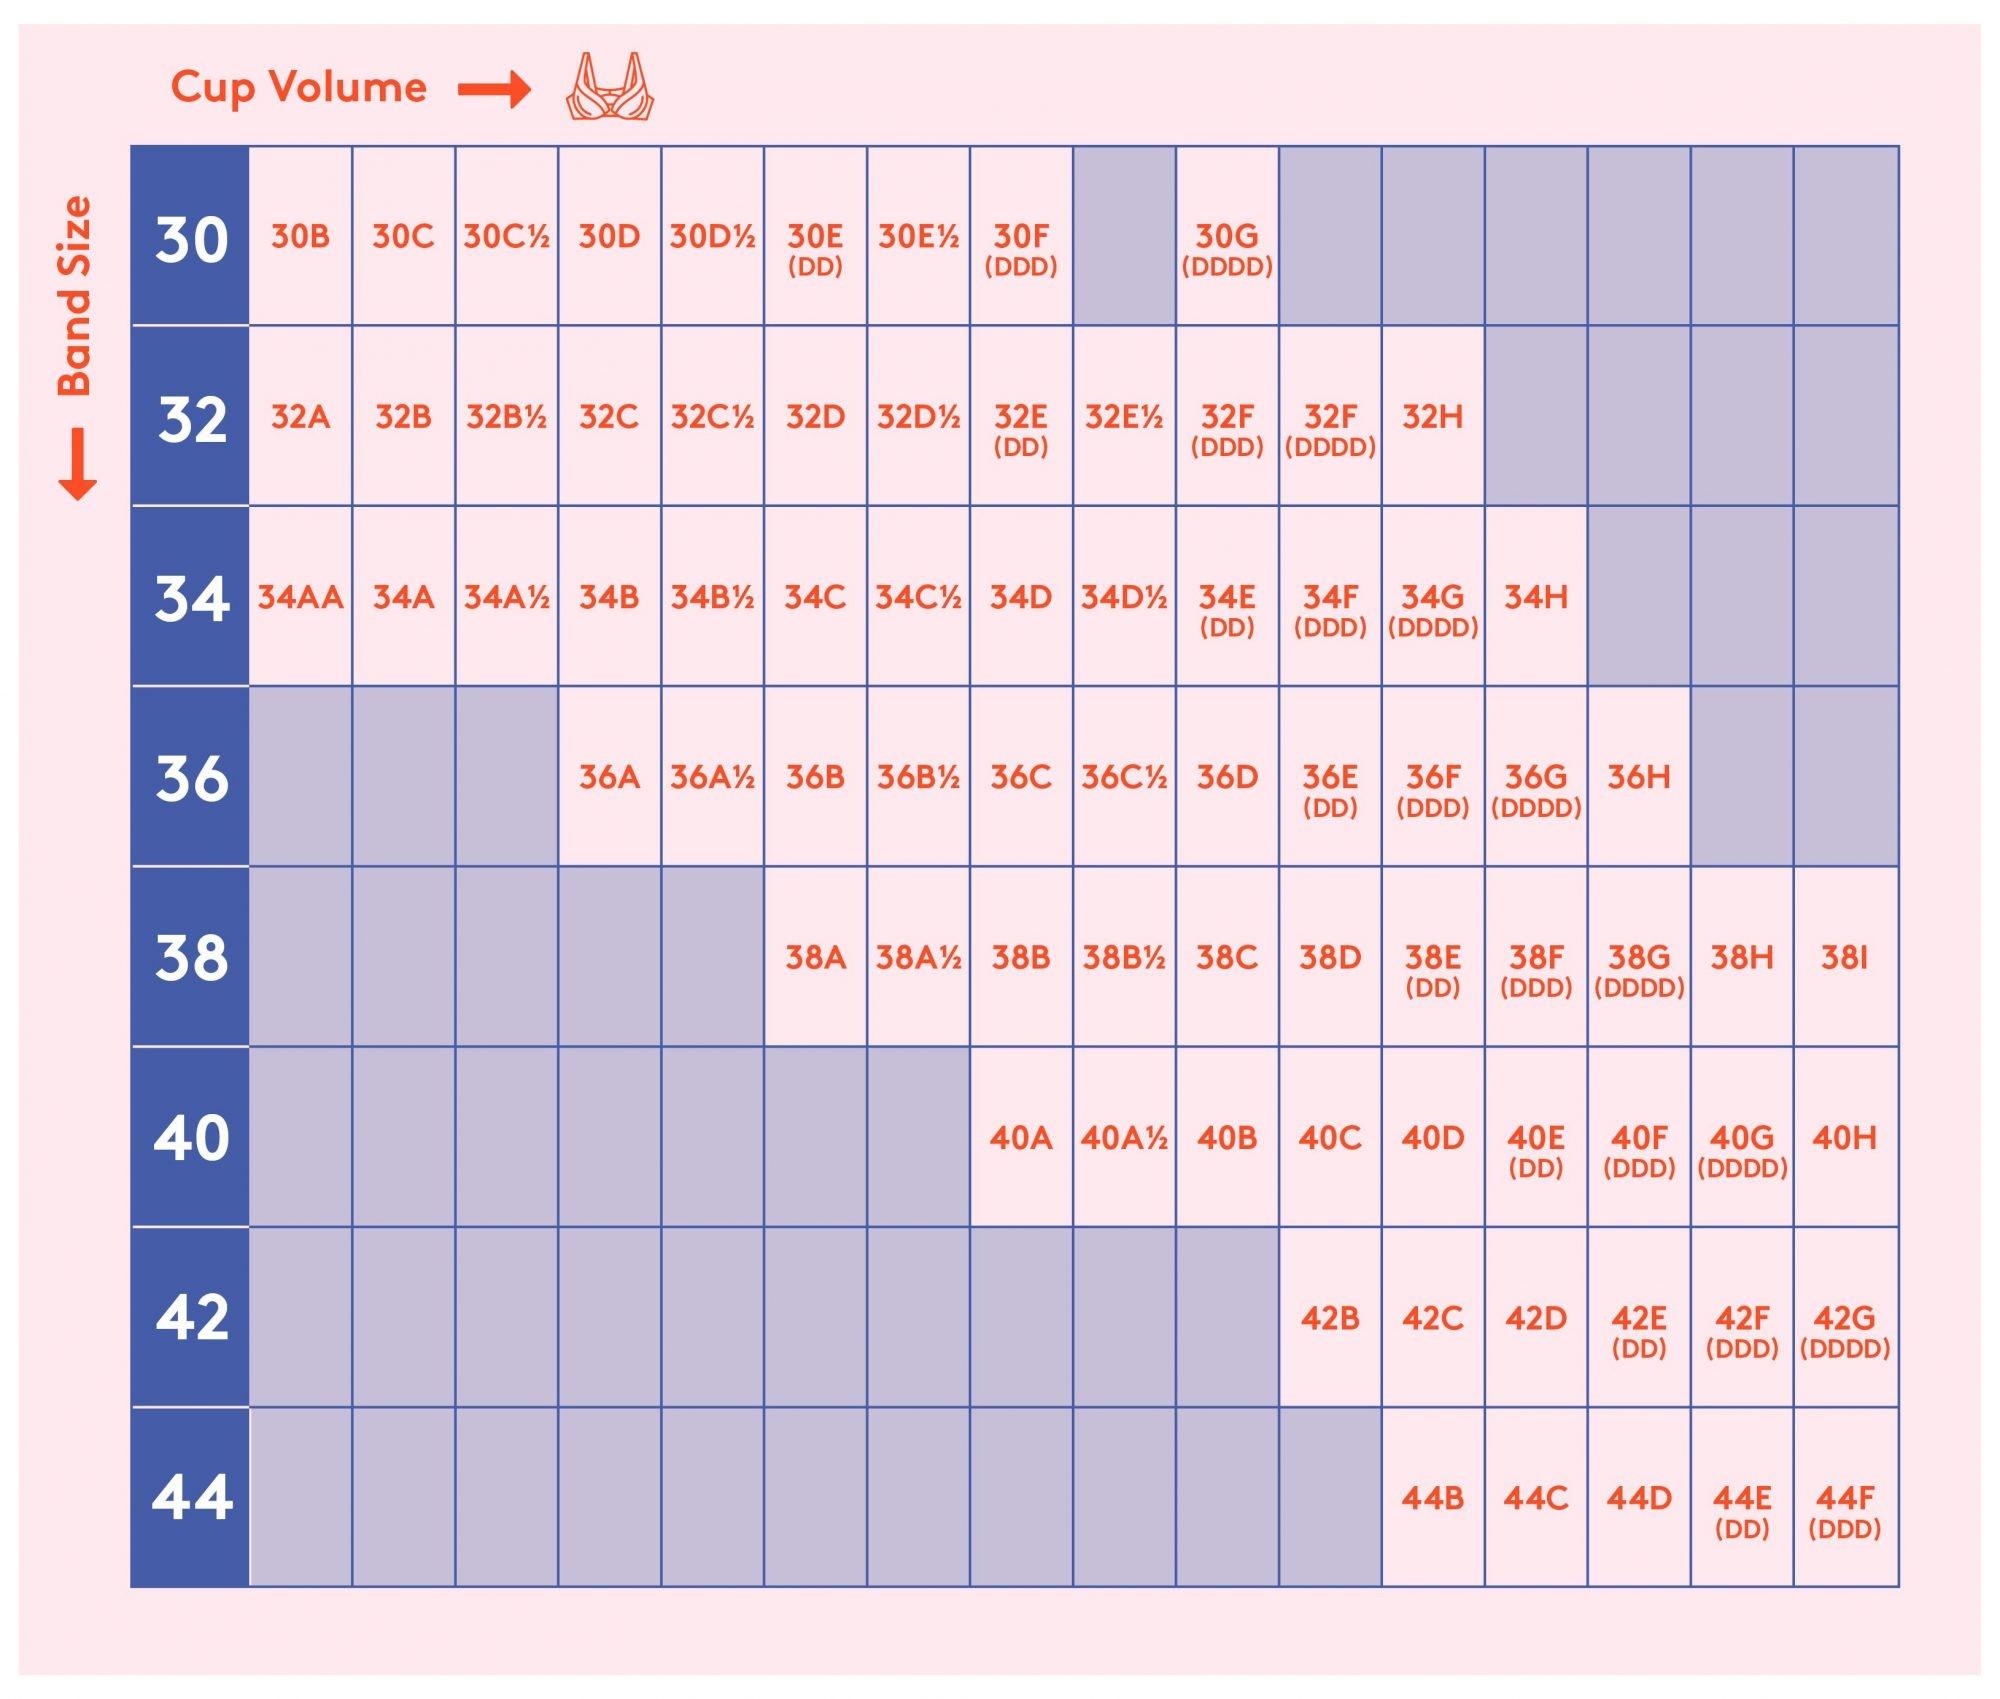 جدول مقاسات الستيانات